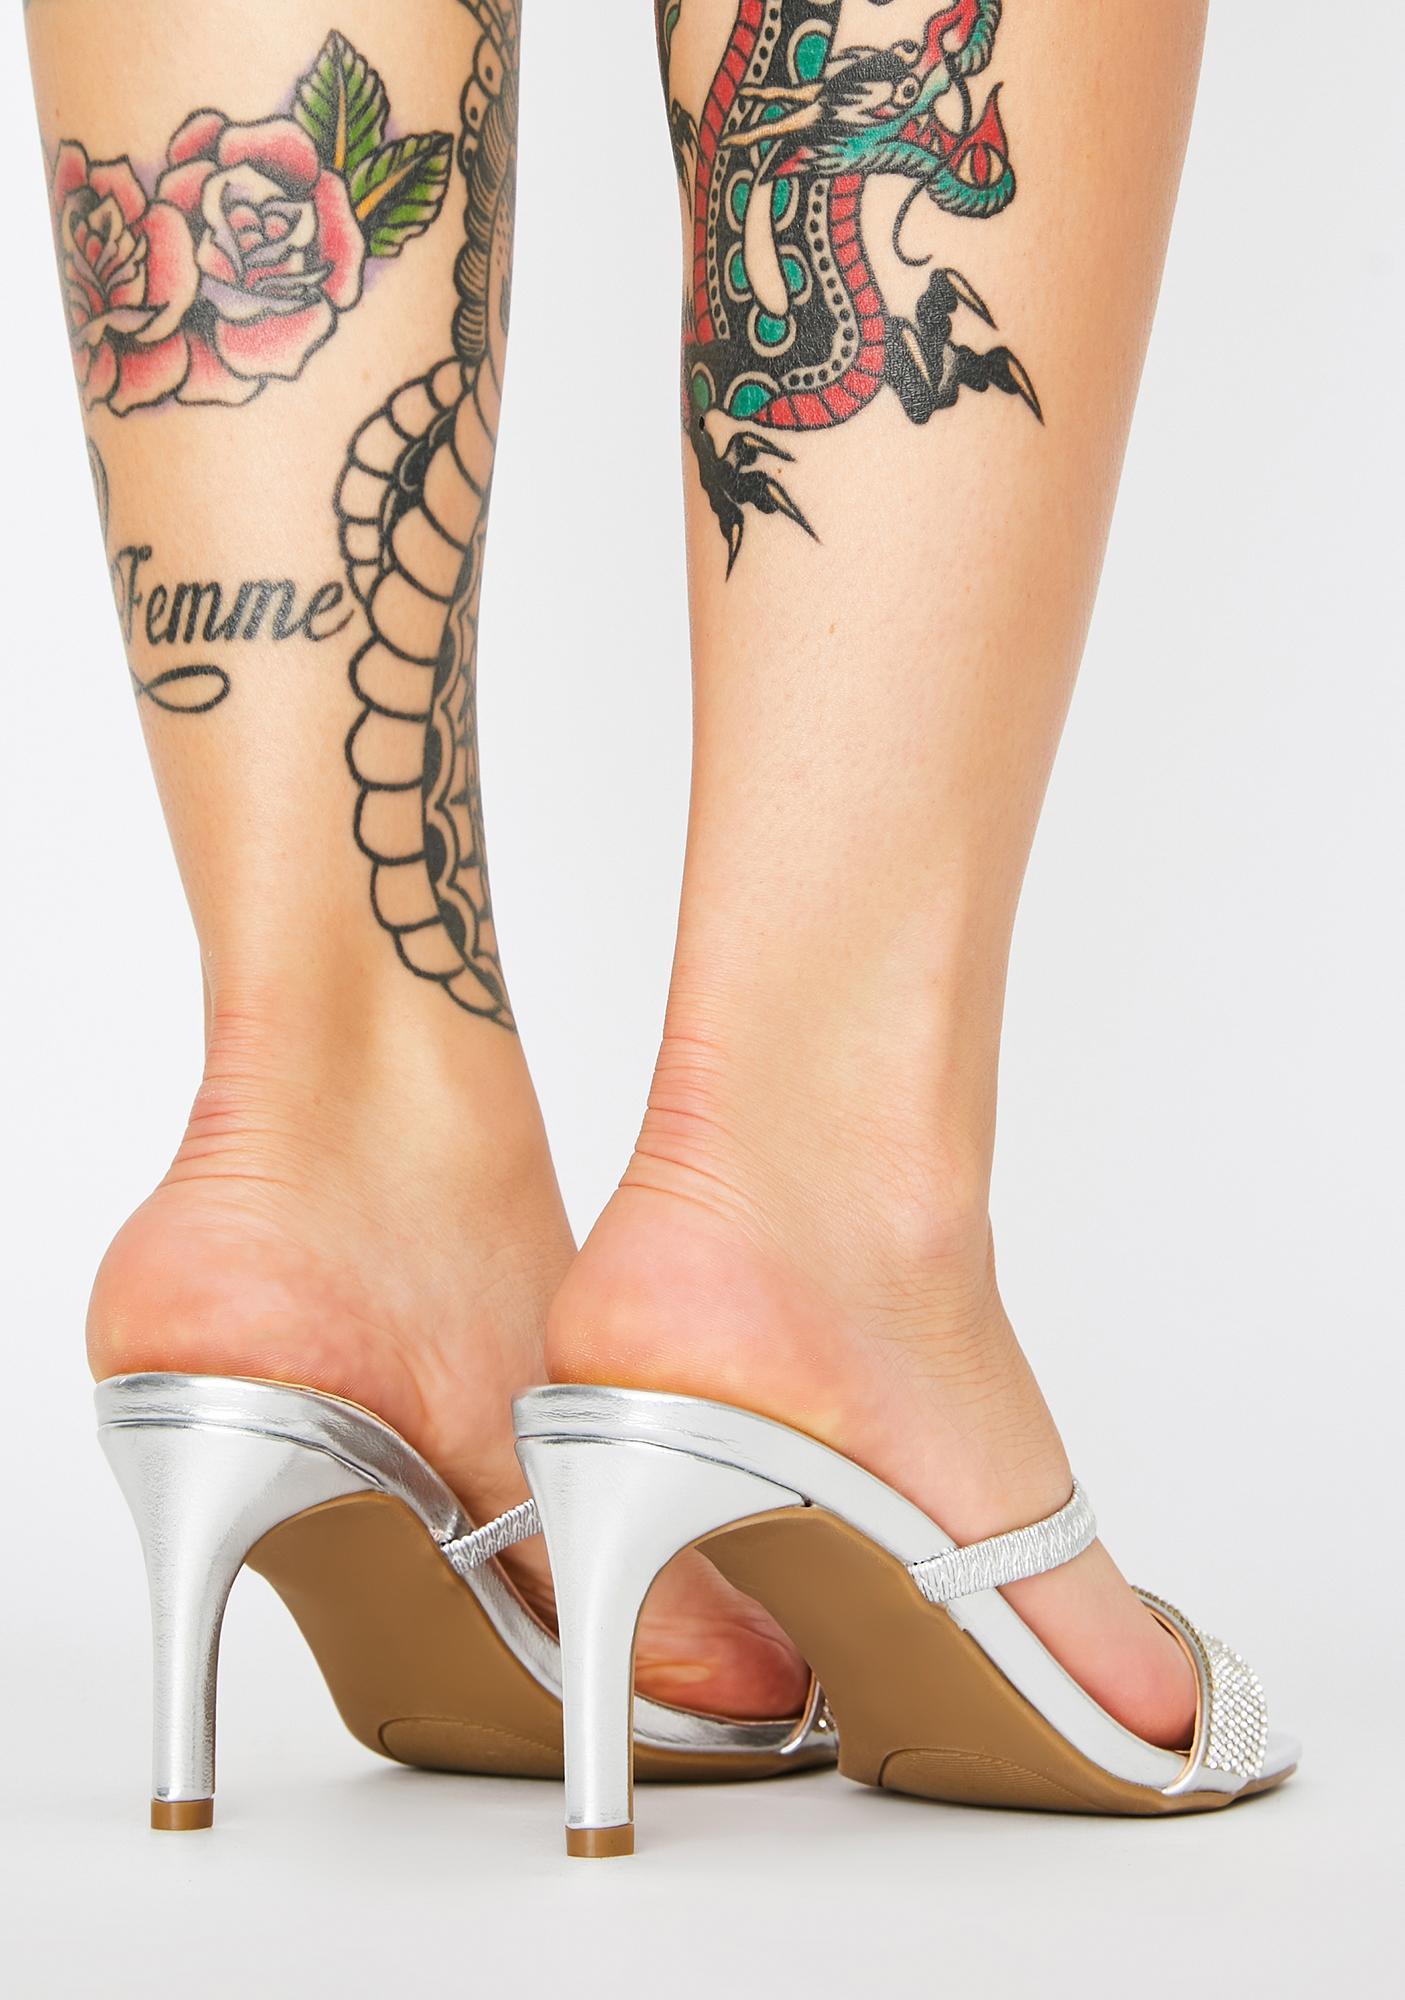 Some Like It Hot Rhinestone Heels